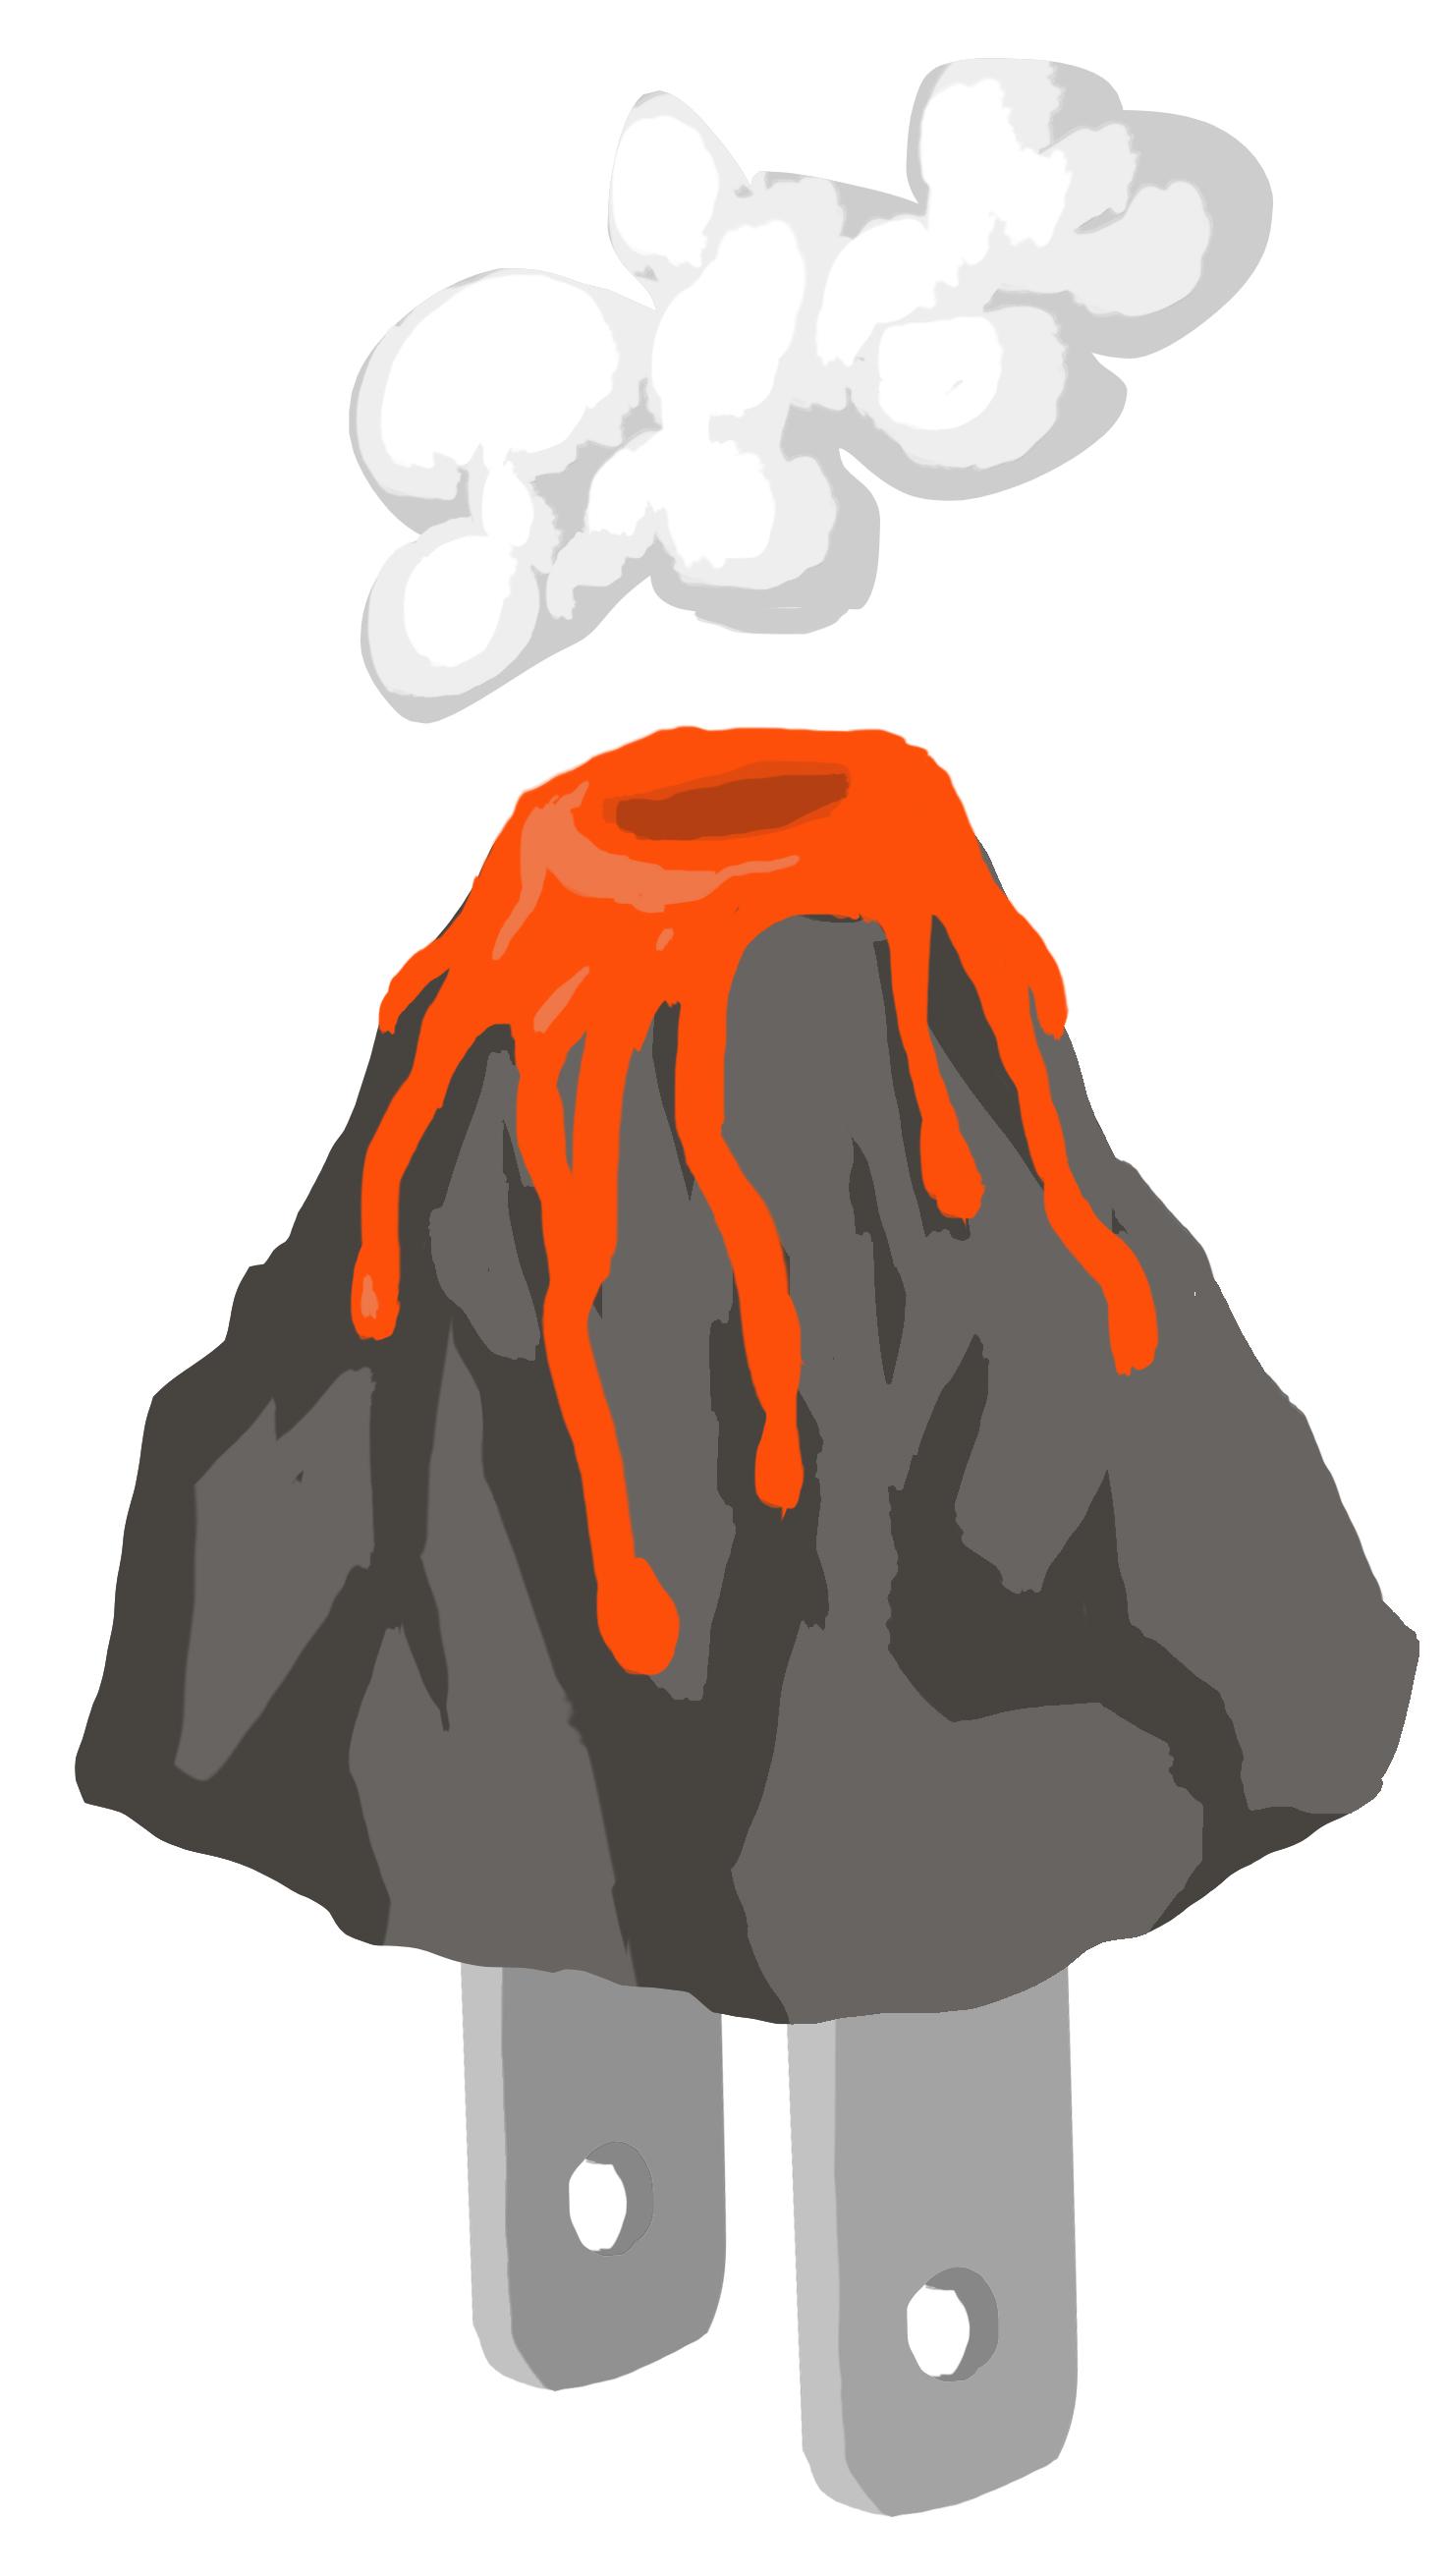 Ilustração de vulcão fumegante com plugue de energia saindo na parte debaixo (Depto. de Estado/D. Thompson)